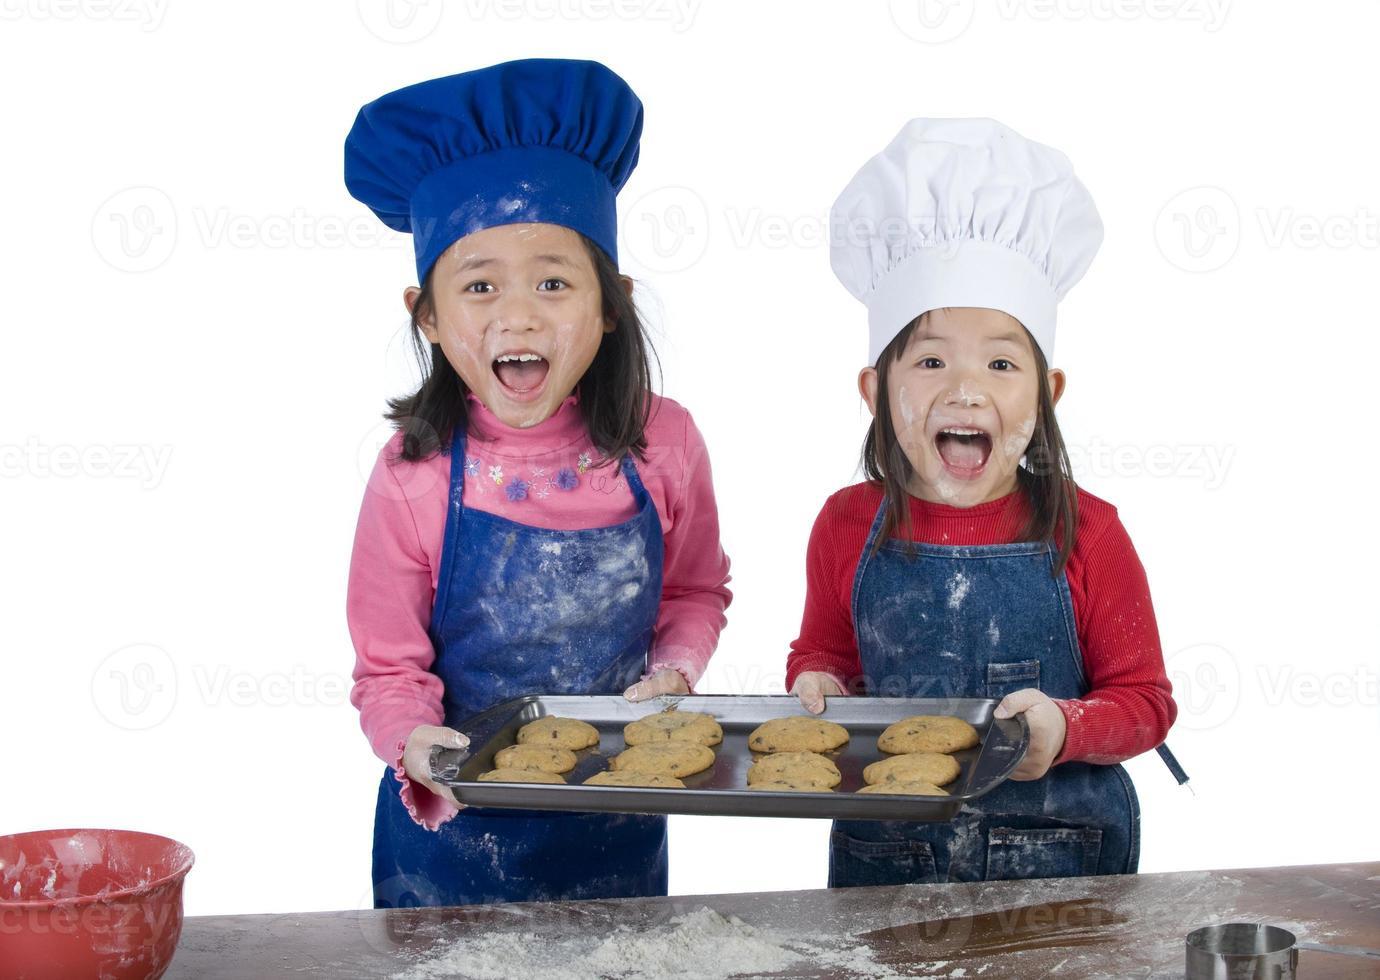 kinderen koken foto